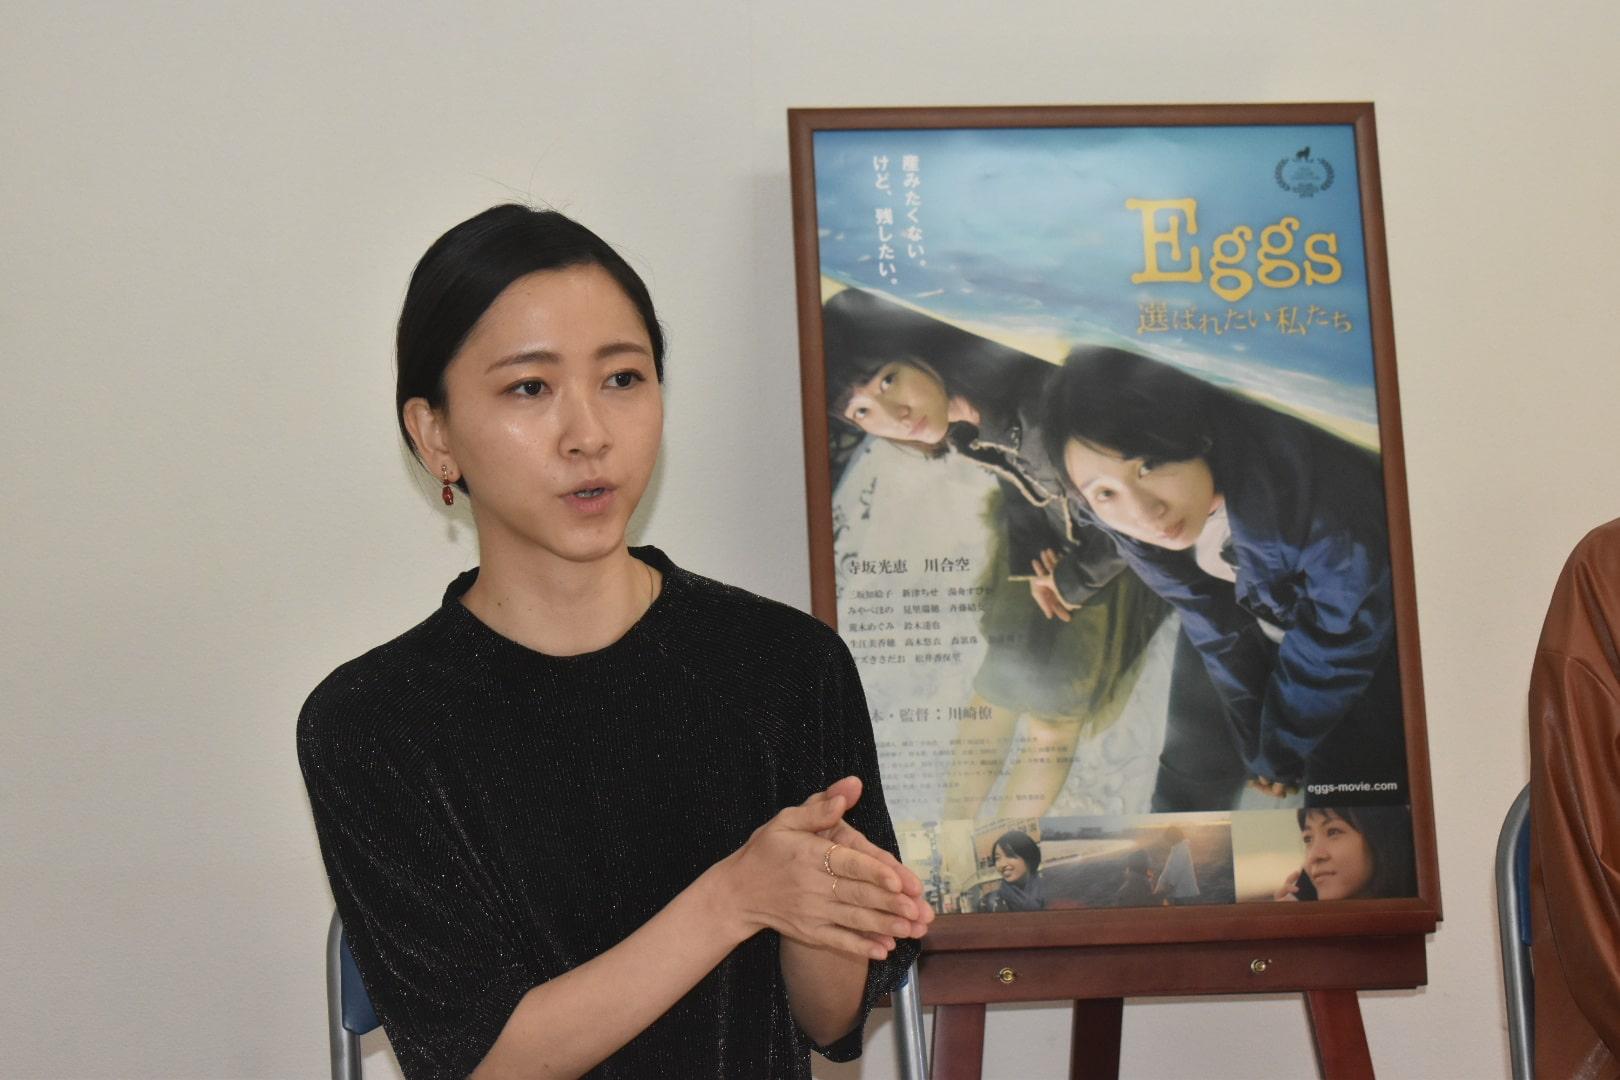 映画『Eggs 選ばれたい私たち』寺坂光恵、川合空インタビュー